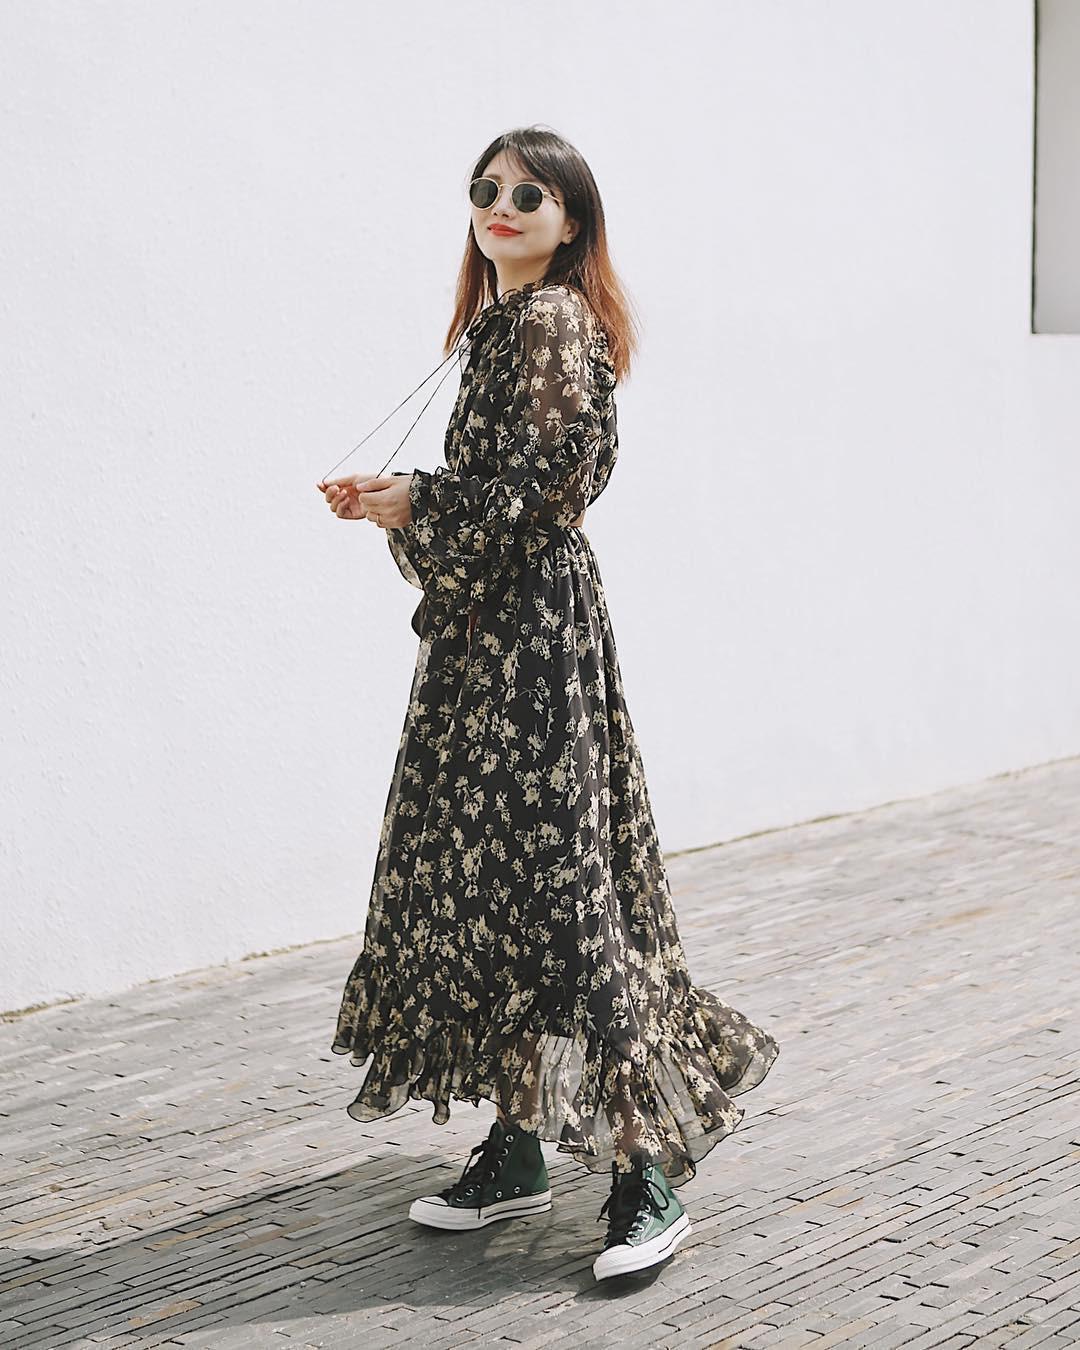 Không kiểu váy nào vượt qua được váy dáng dài về độ sang chảnh, yêu kiều và hợp rơ với tiết trời se lạnh-5